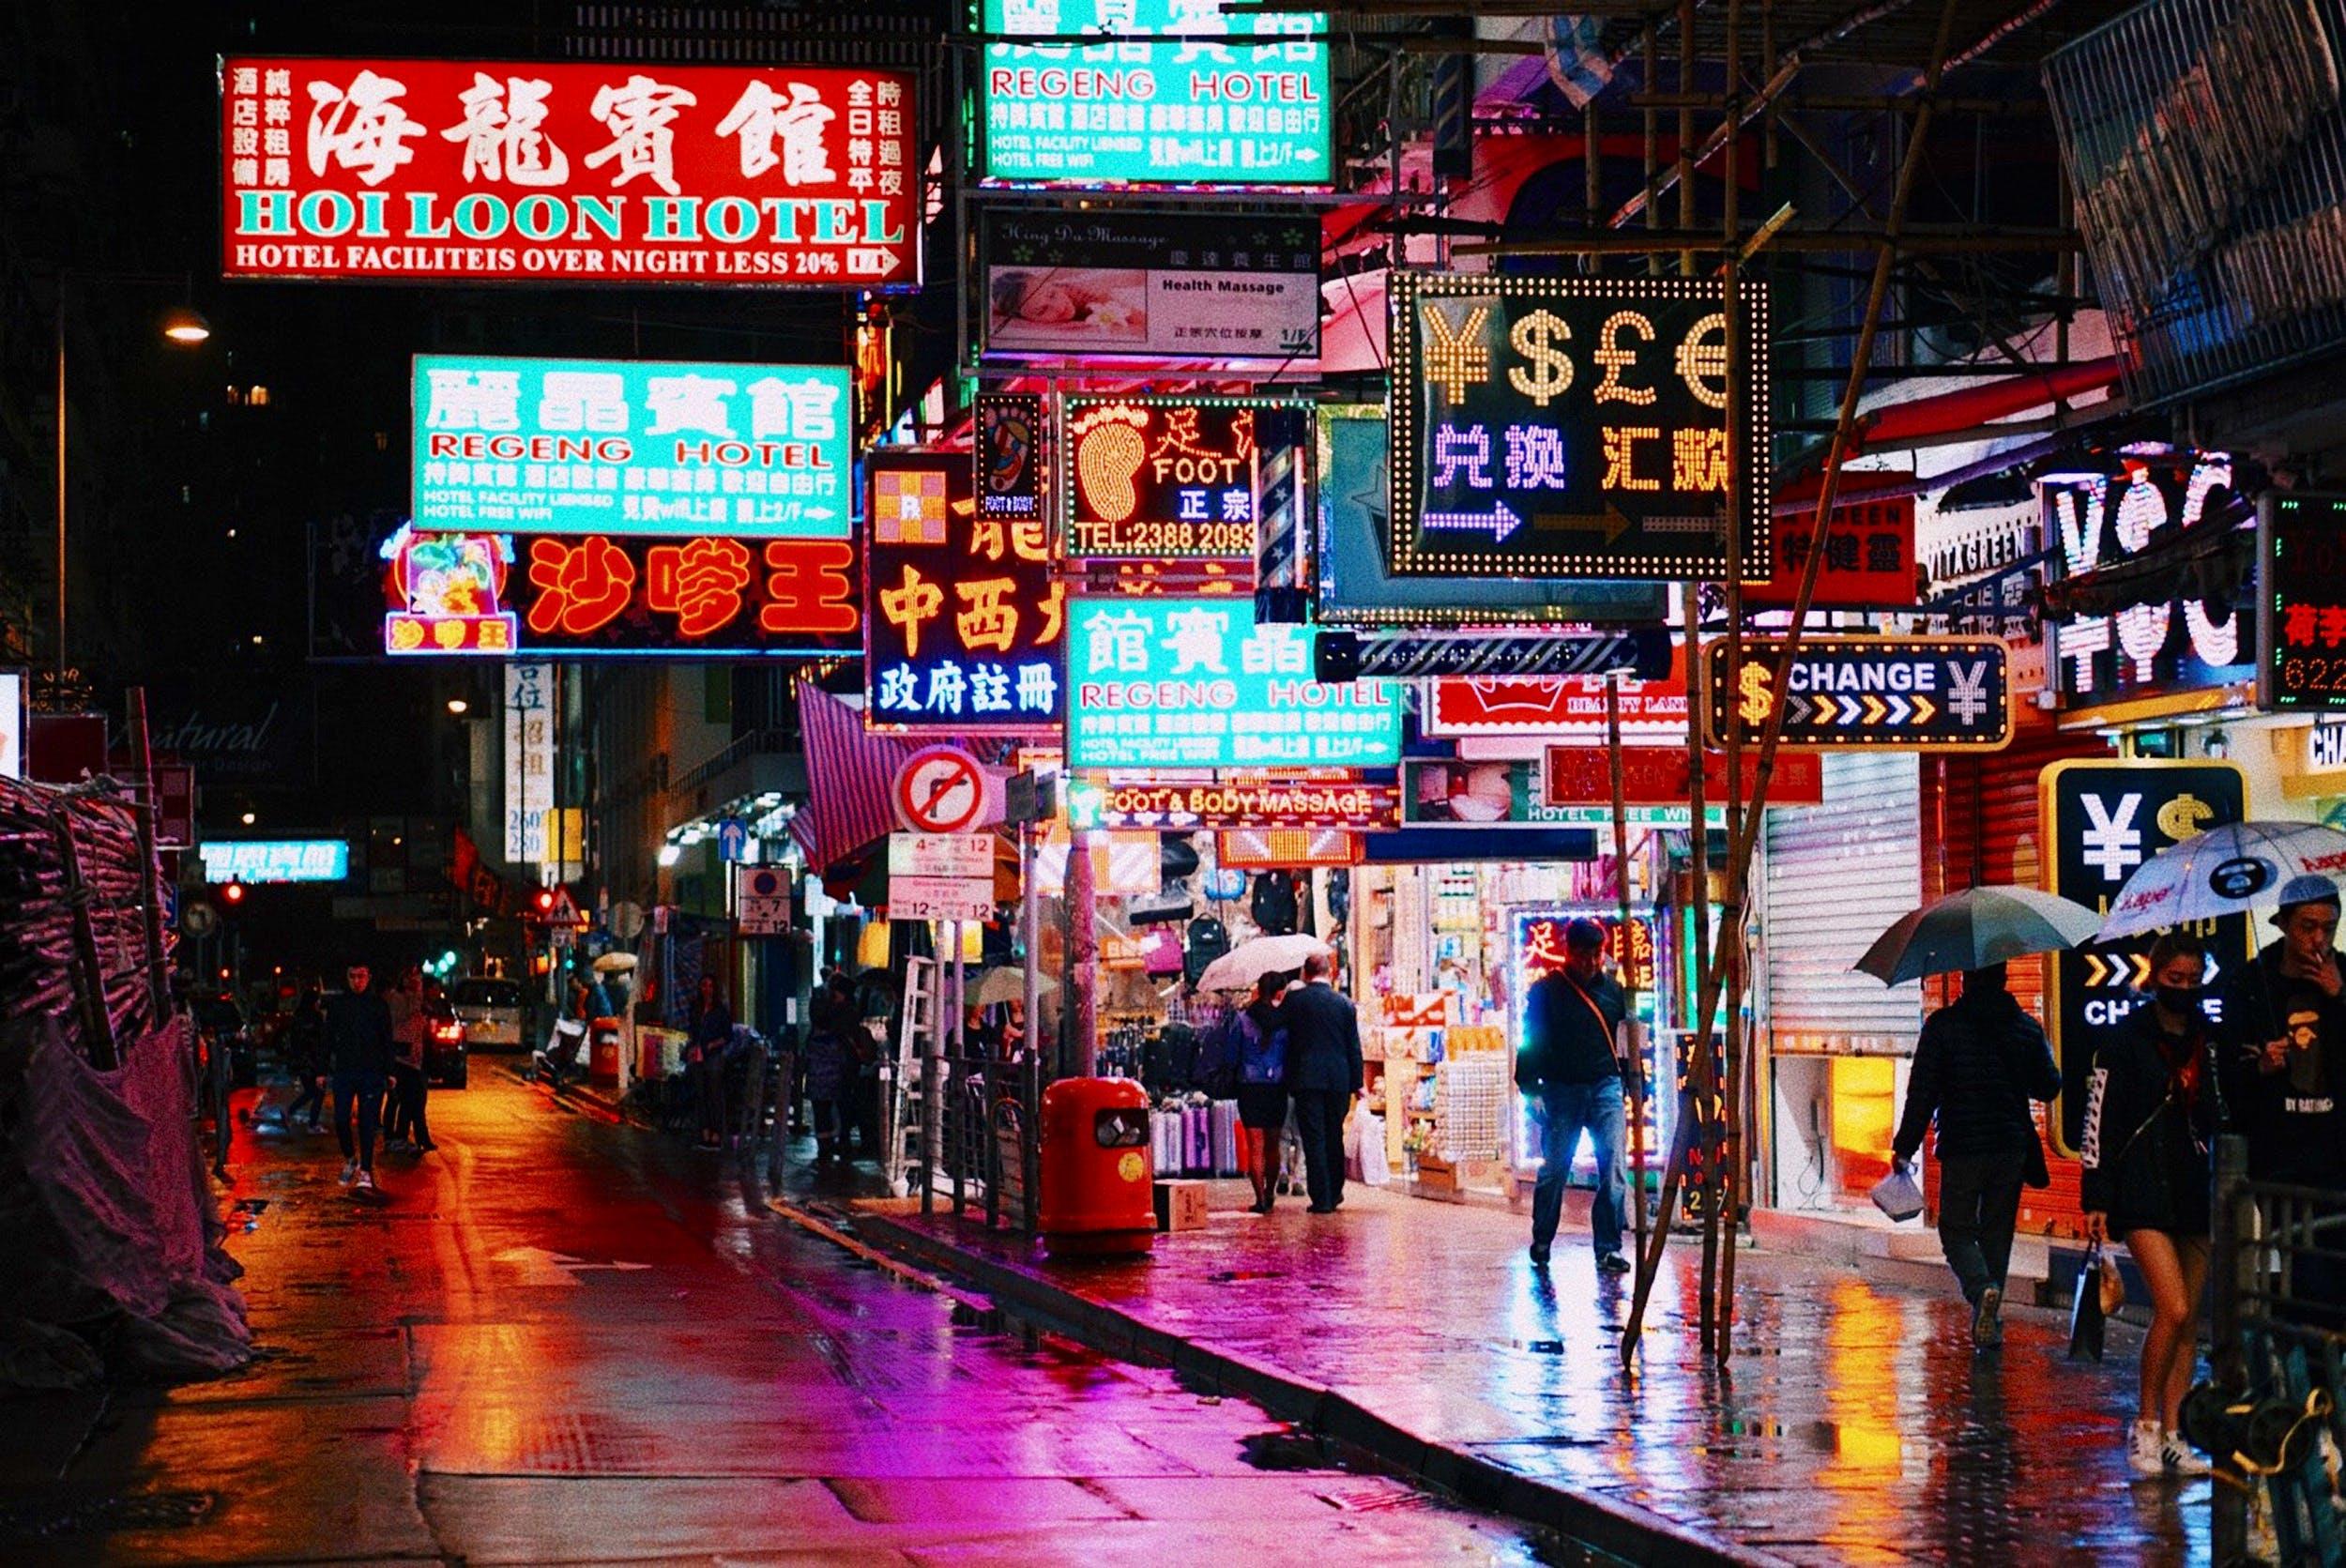 Hong Kong makes some changes